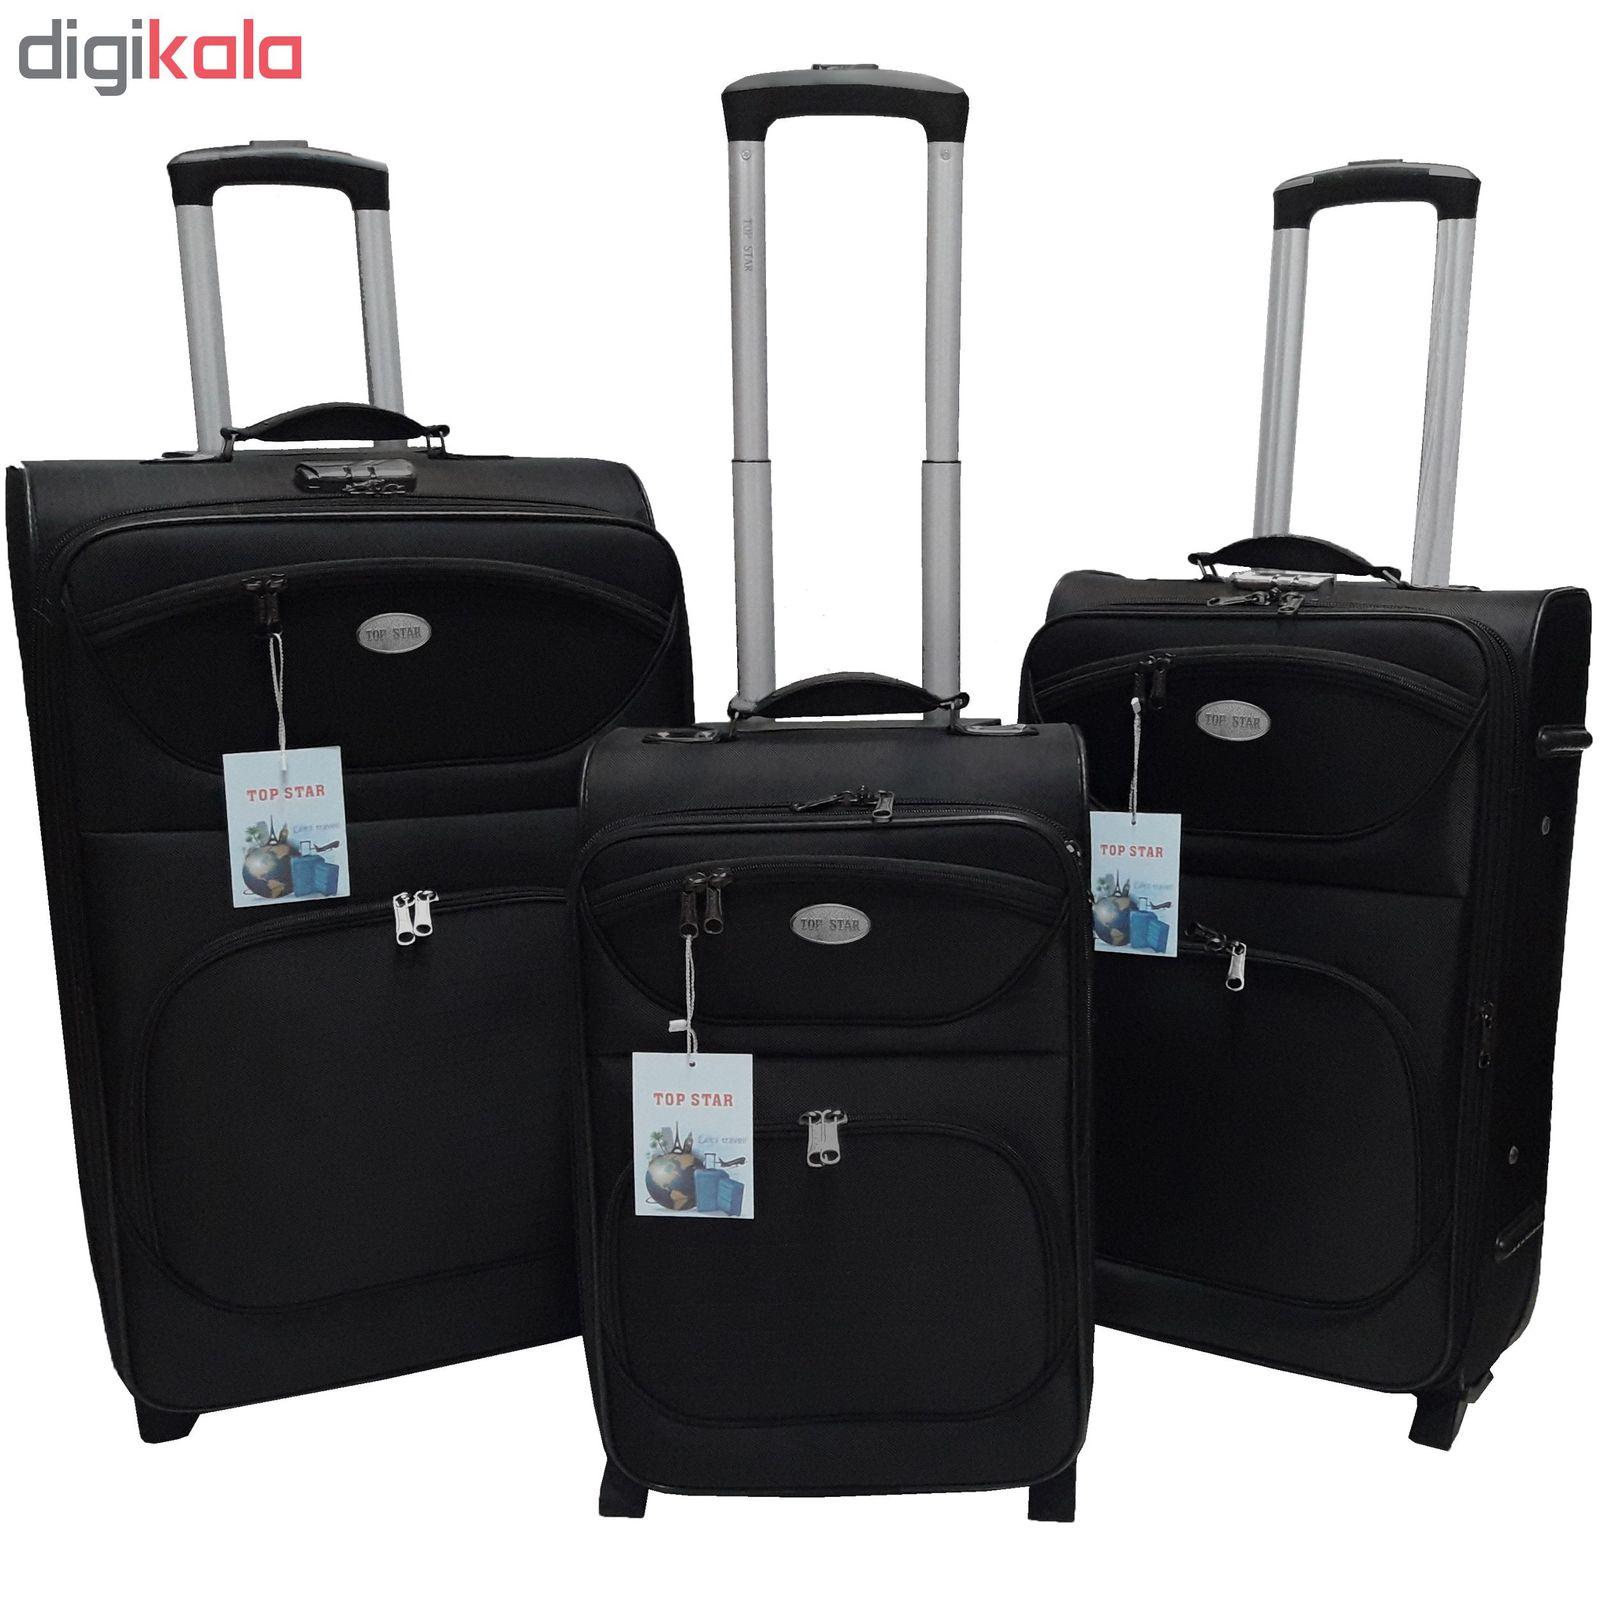 مجموعه سه عددی چمدان تاپ استار مدل newtop2 main 1 2